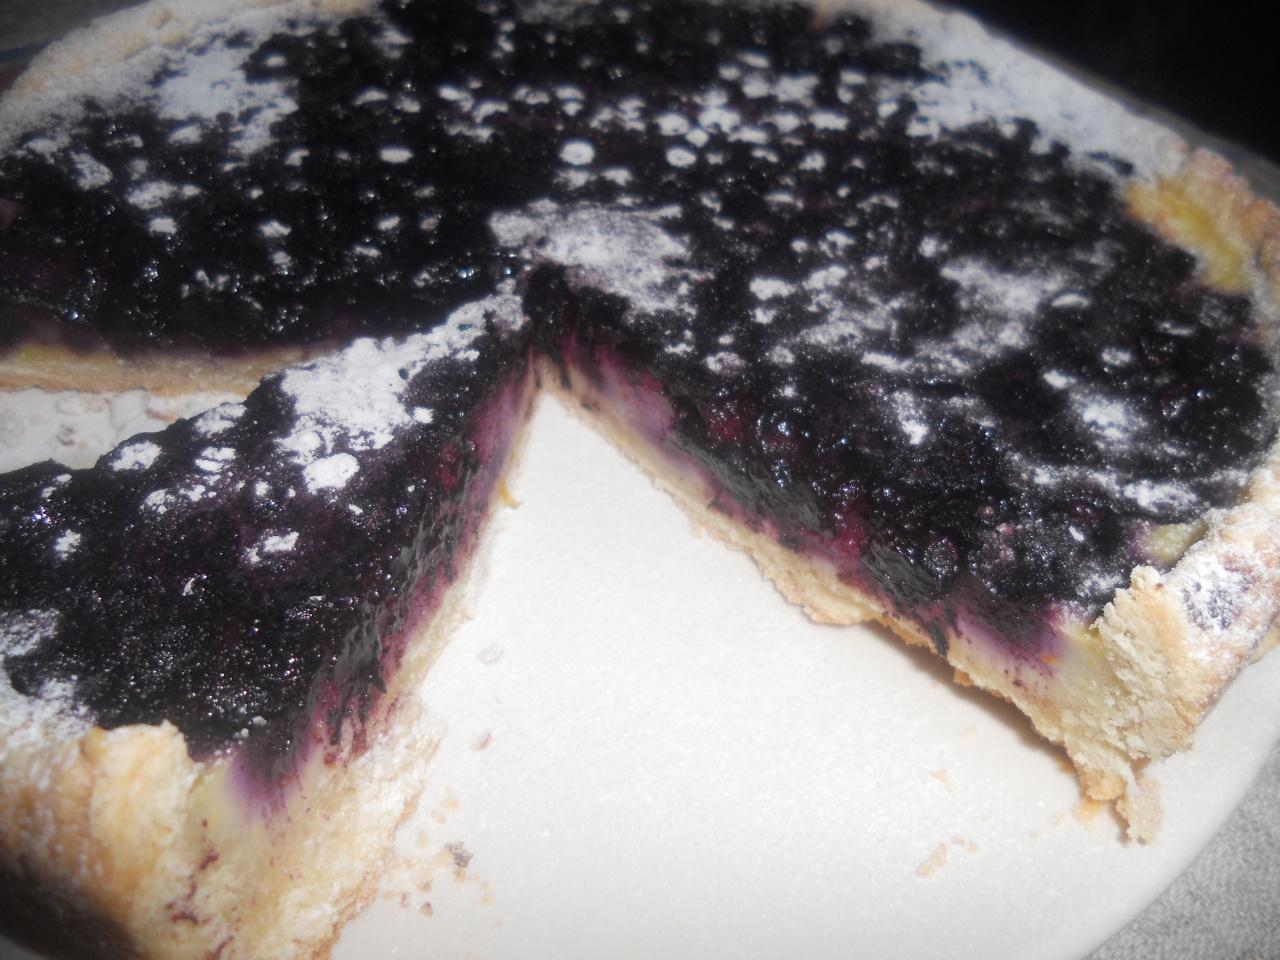 Субботний пирожок с черникой.